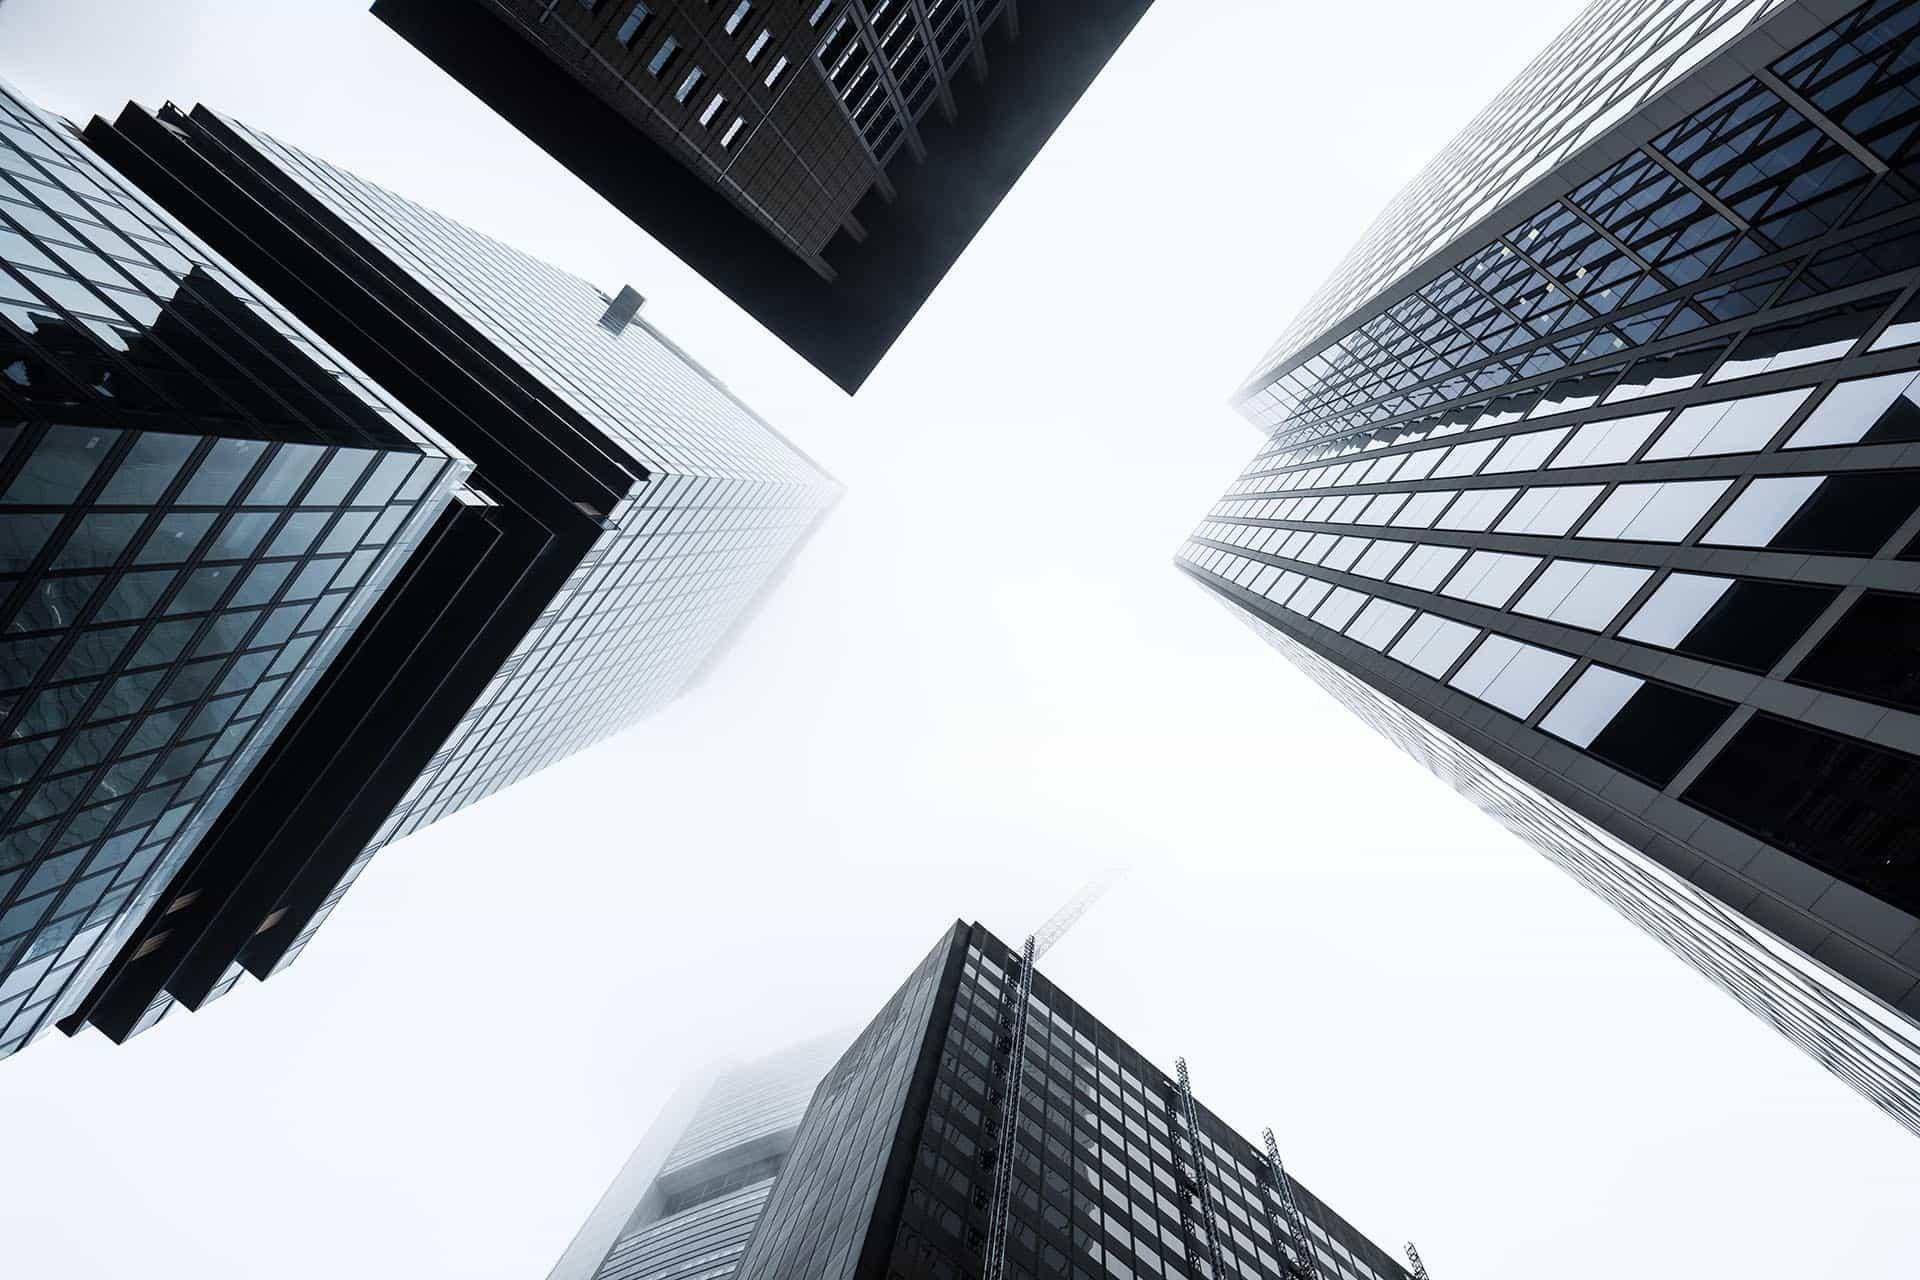 次世代の貿易金融のデジタル化 : 銀行が抱える6つの問題点とその解決策